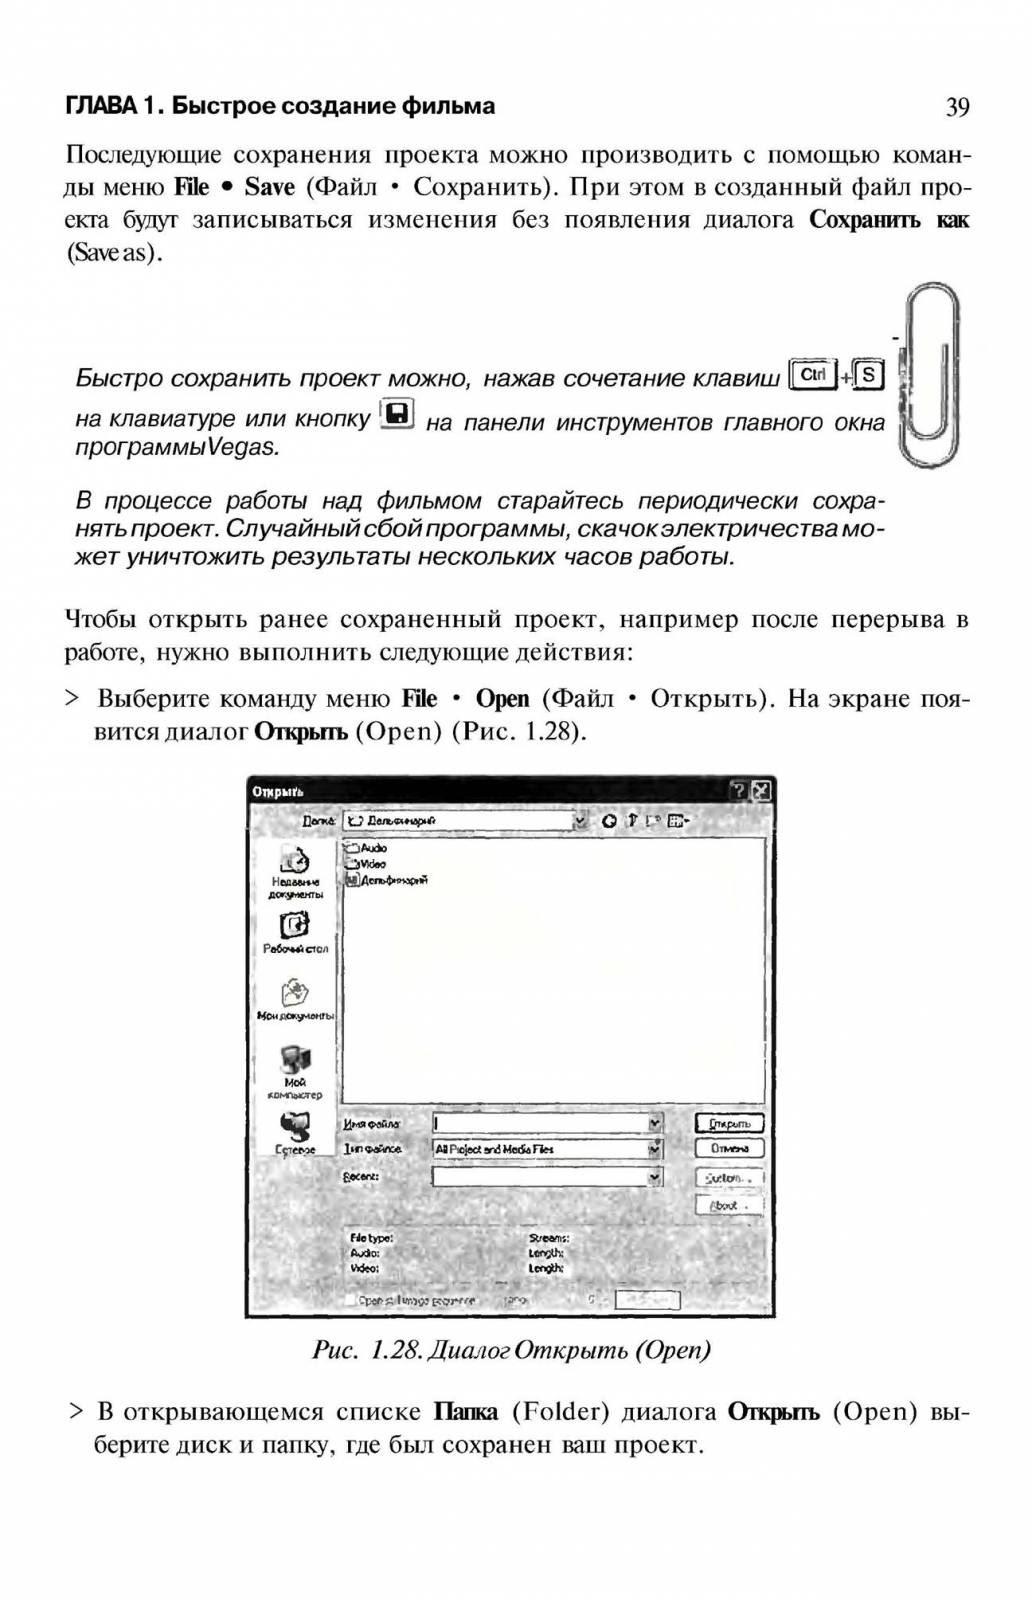 http://redaktori-uroki.3dn.ru/_ph/13/224600731.jpg